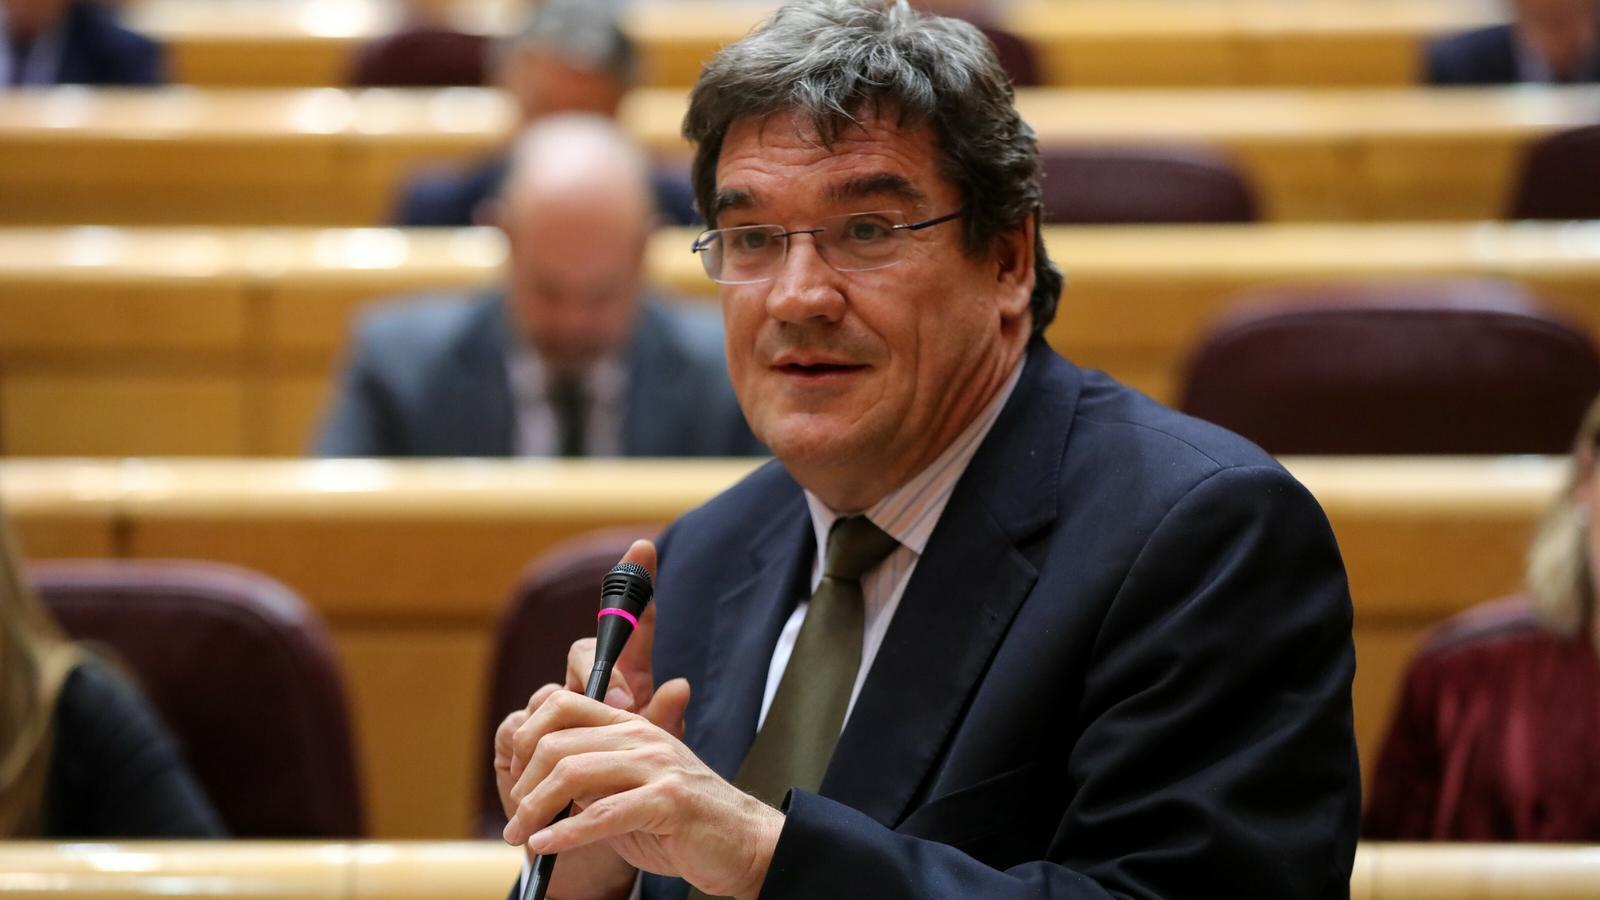 El ministre de Seguretat Social, Inclusió i Migracions, José Luis Escrivá, en una imatge recent.